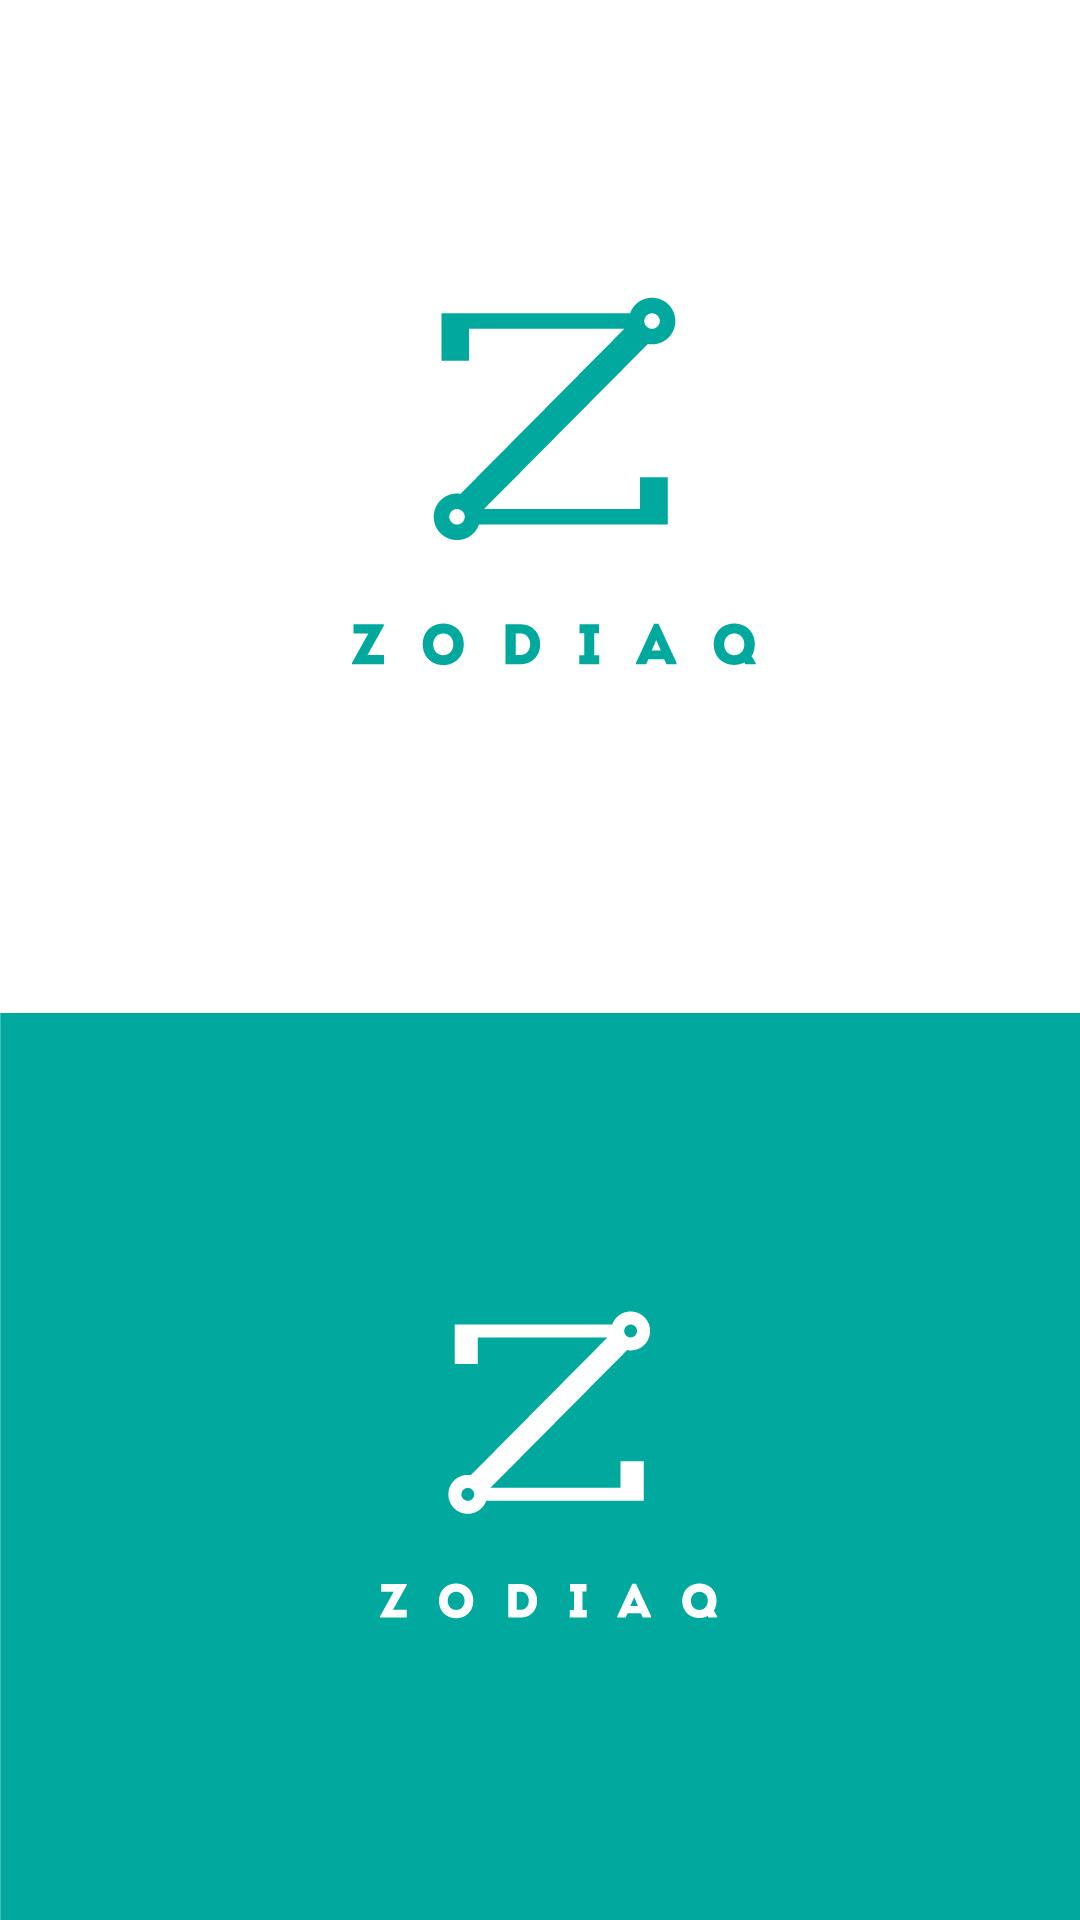 Разработка логотипа и основных элементов стиля фото f_4785990468375ac5.jpg